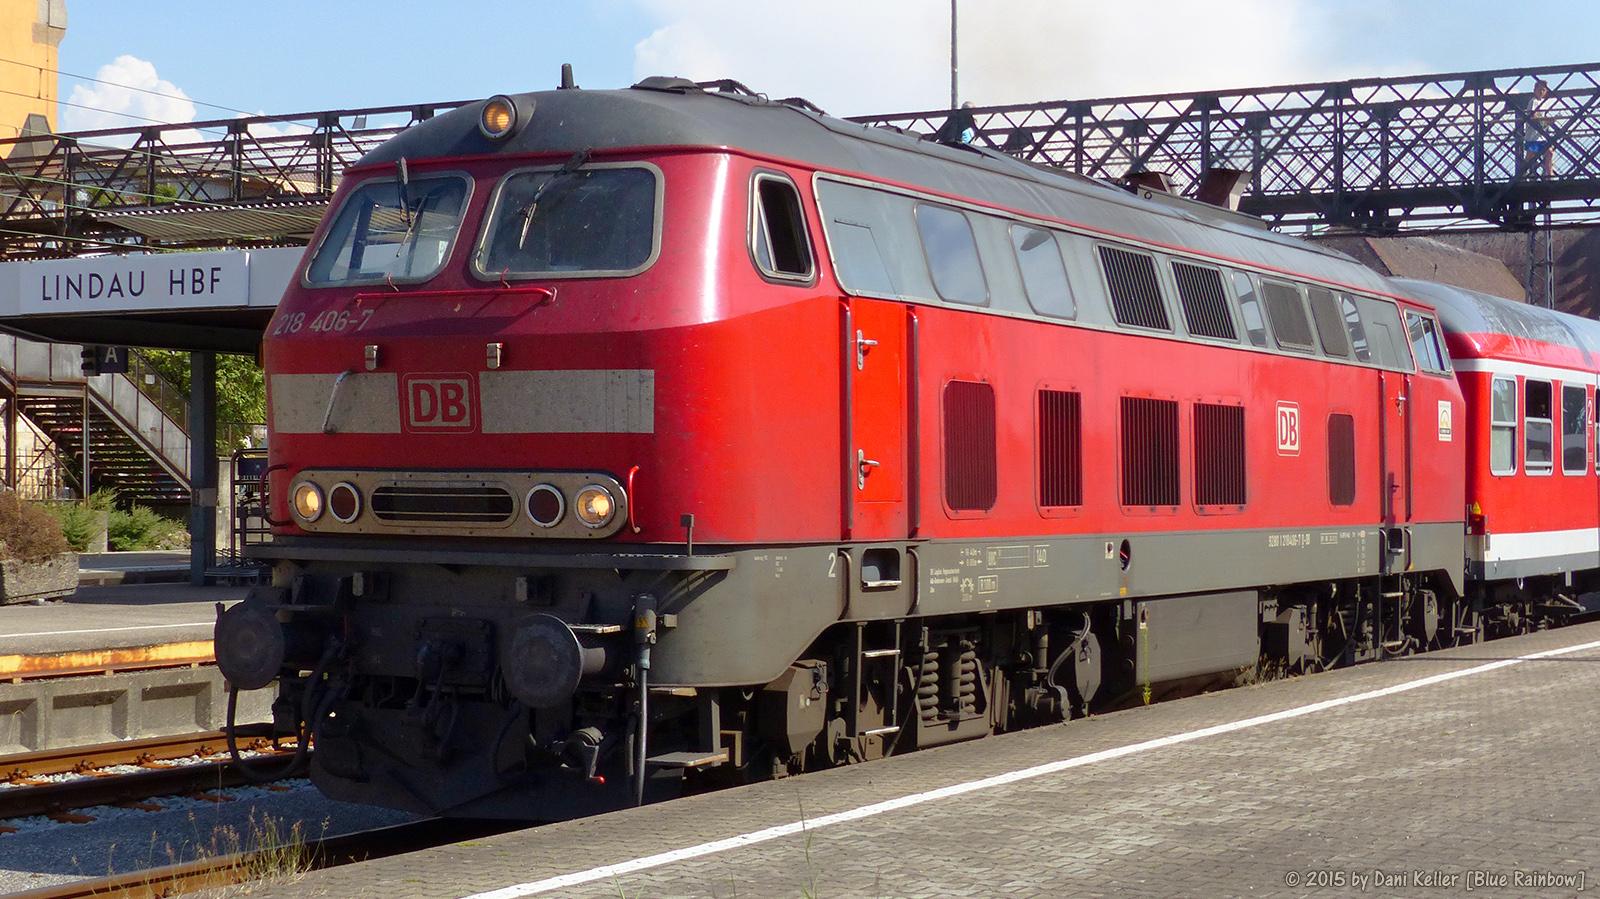 BR 218 in Lindau